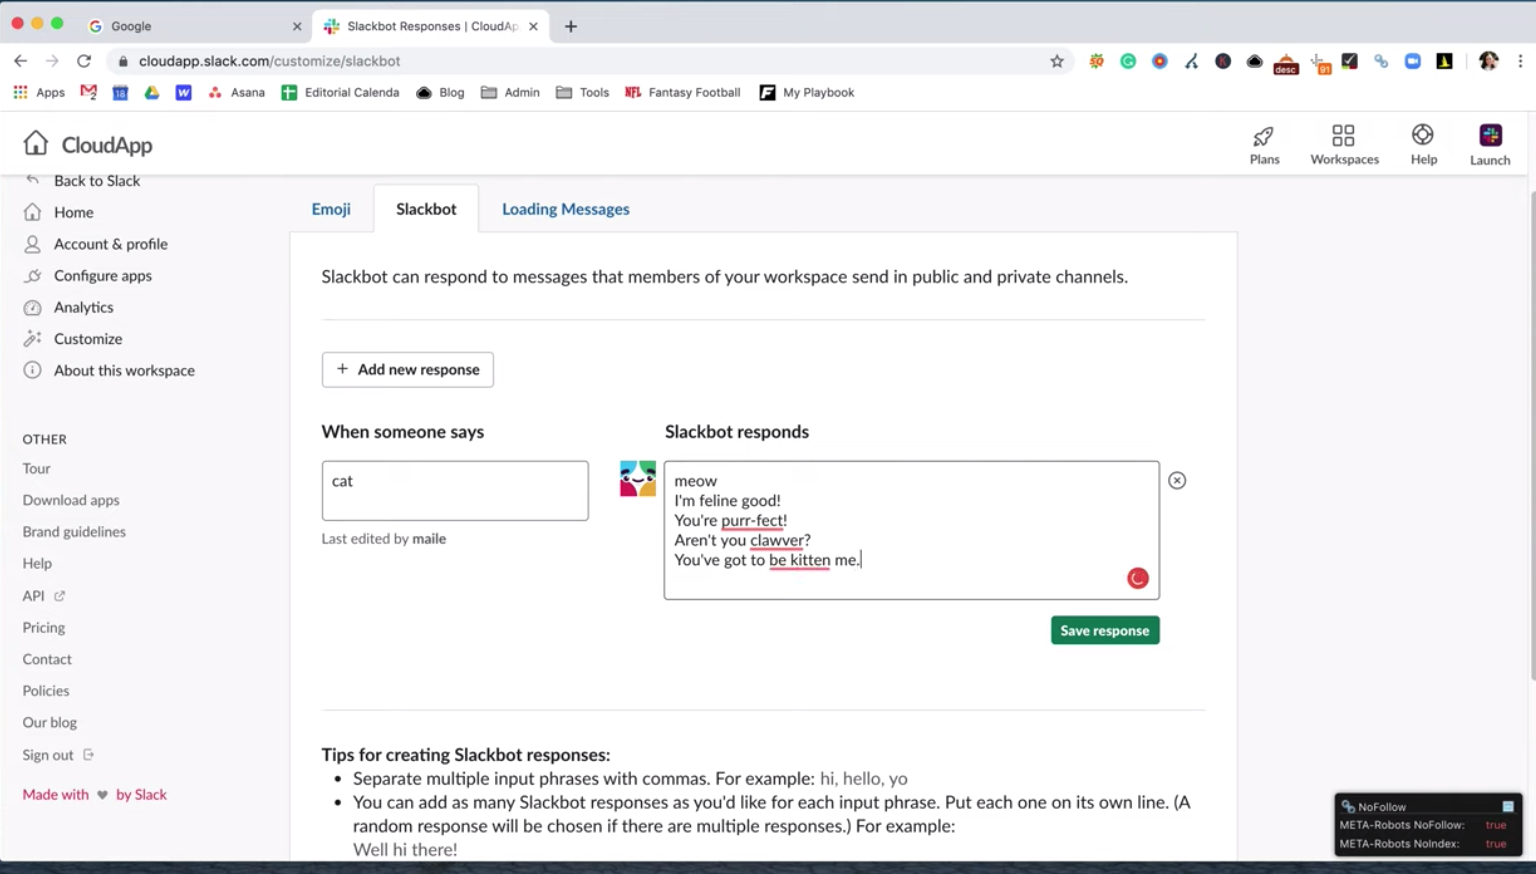 how to create custom Slackbot responses